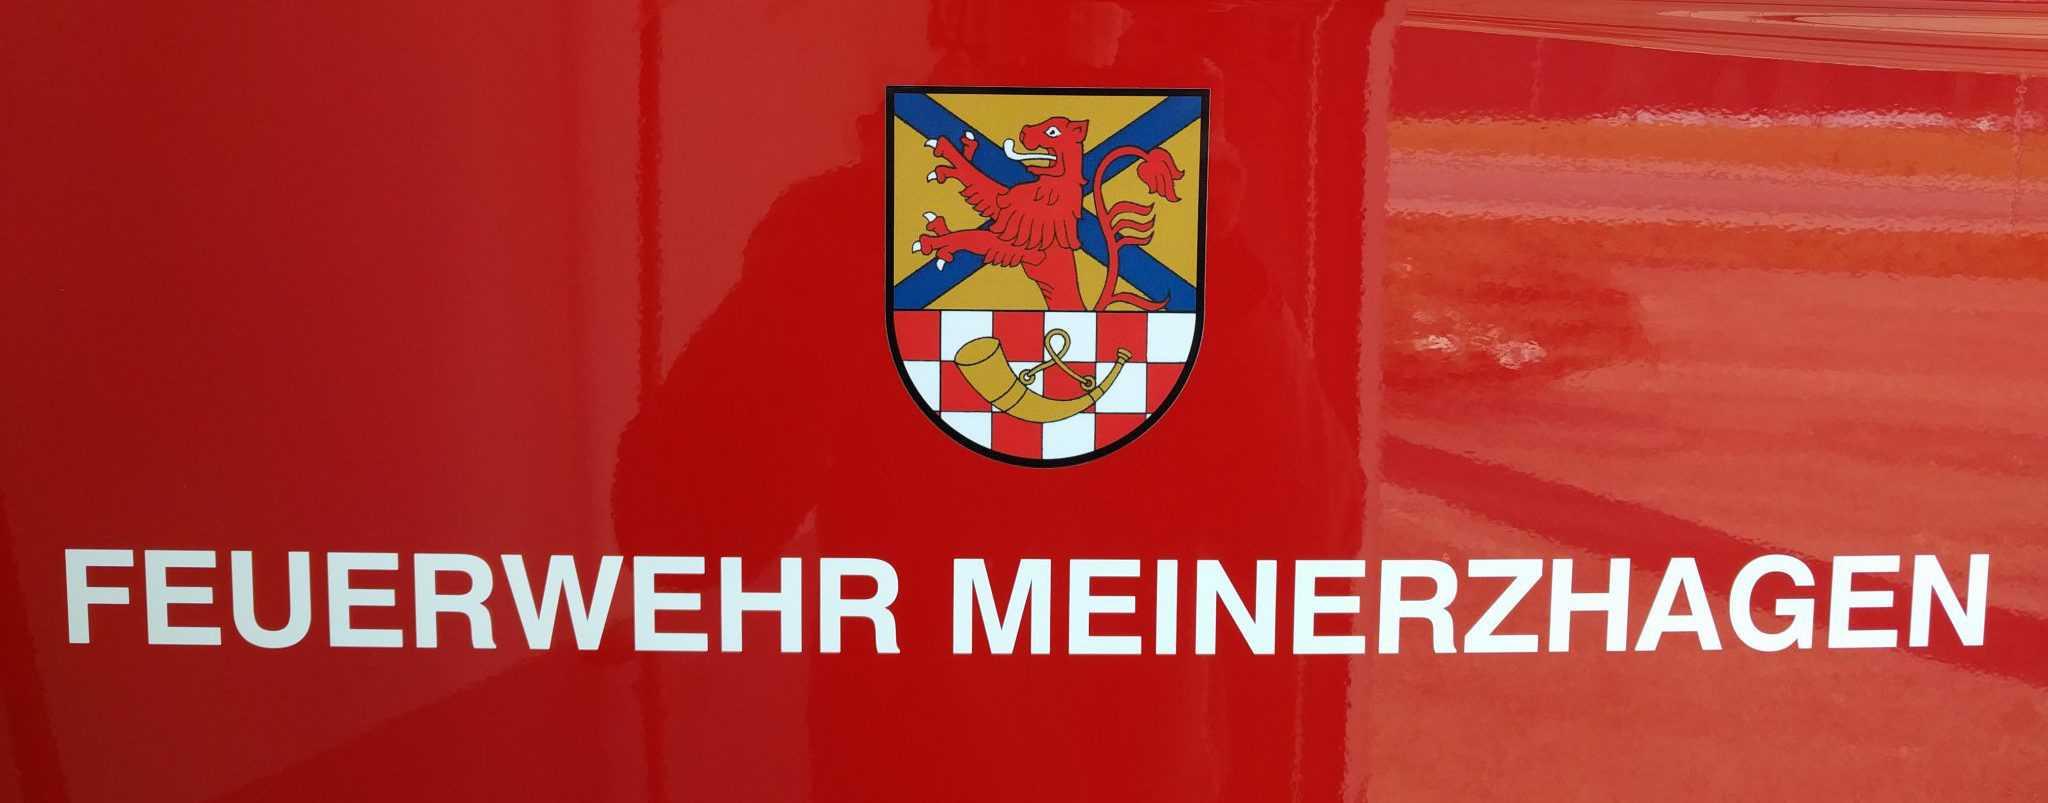 Willkommen auf Feuerwehr Meinerzhagen 2.0